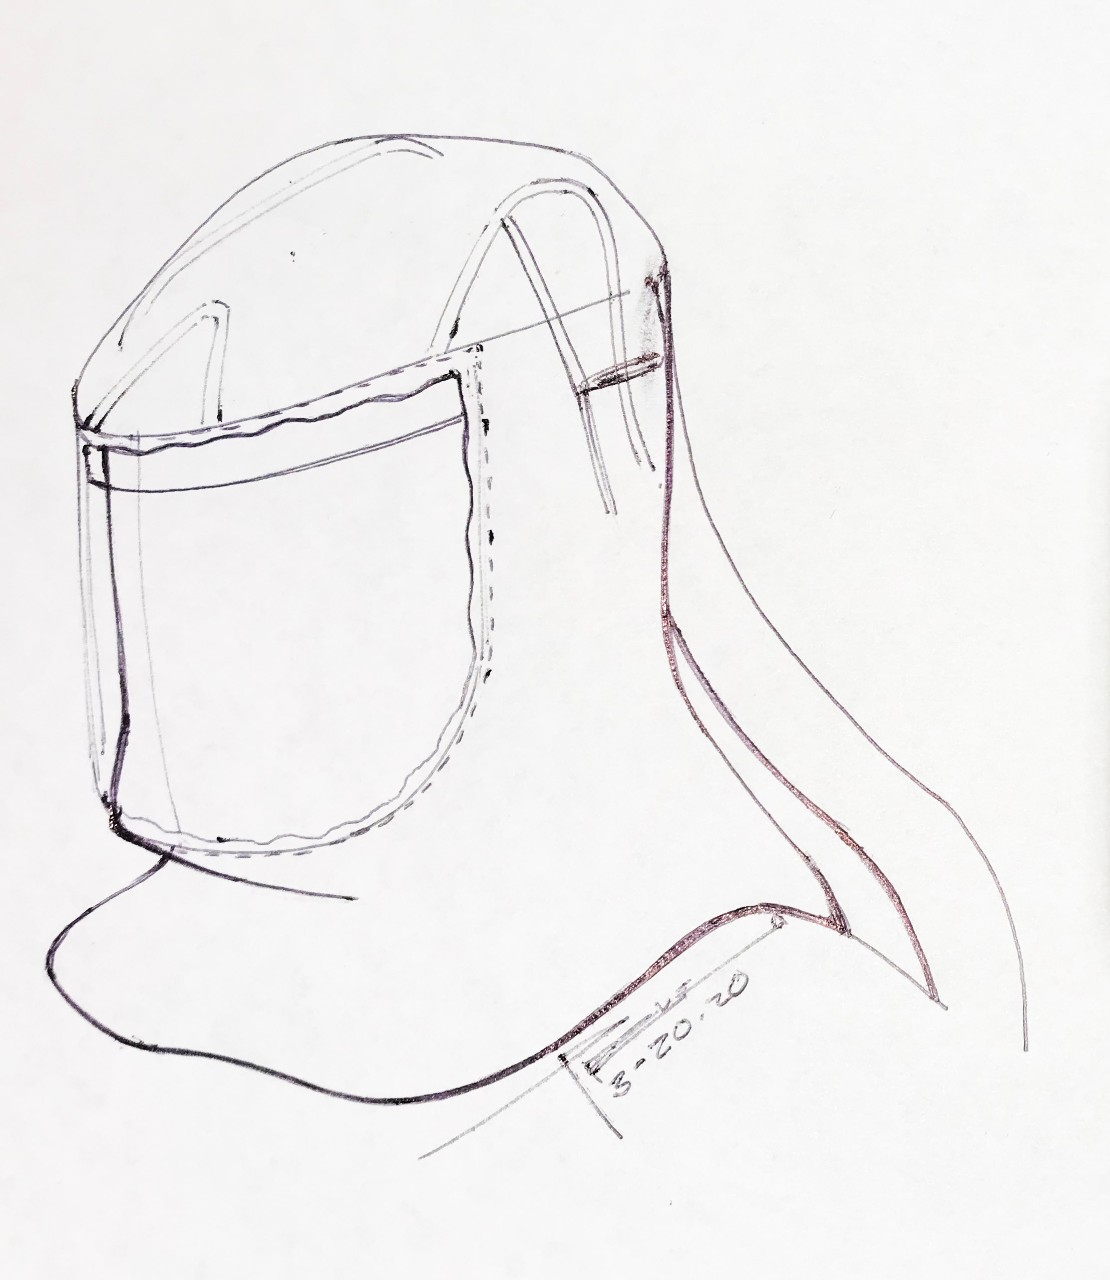 Hood Sketch Brightened